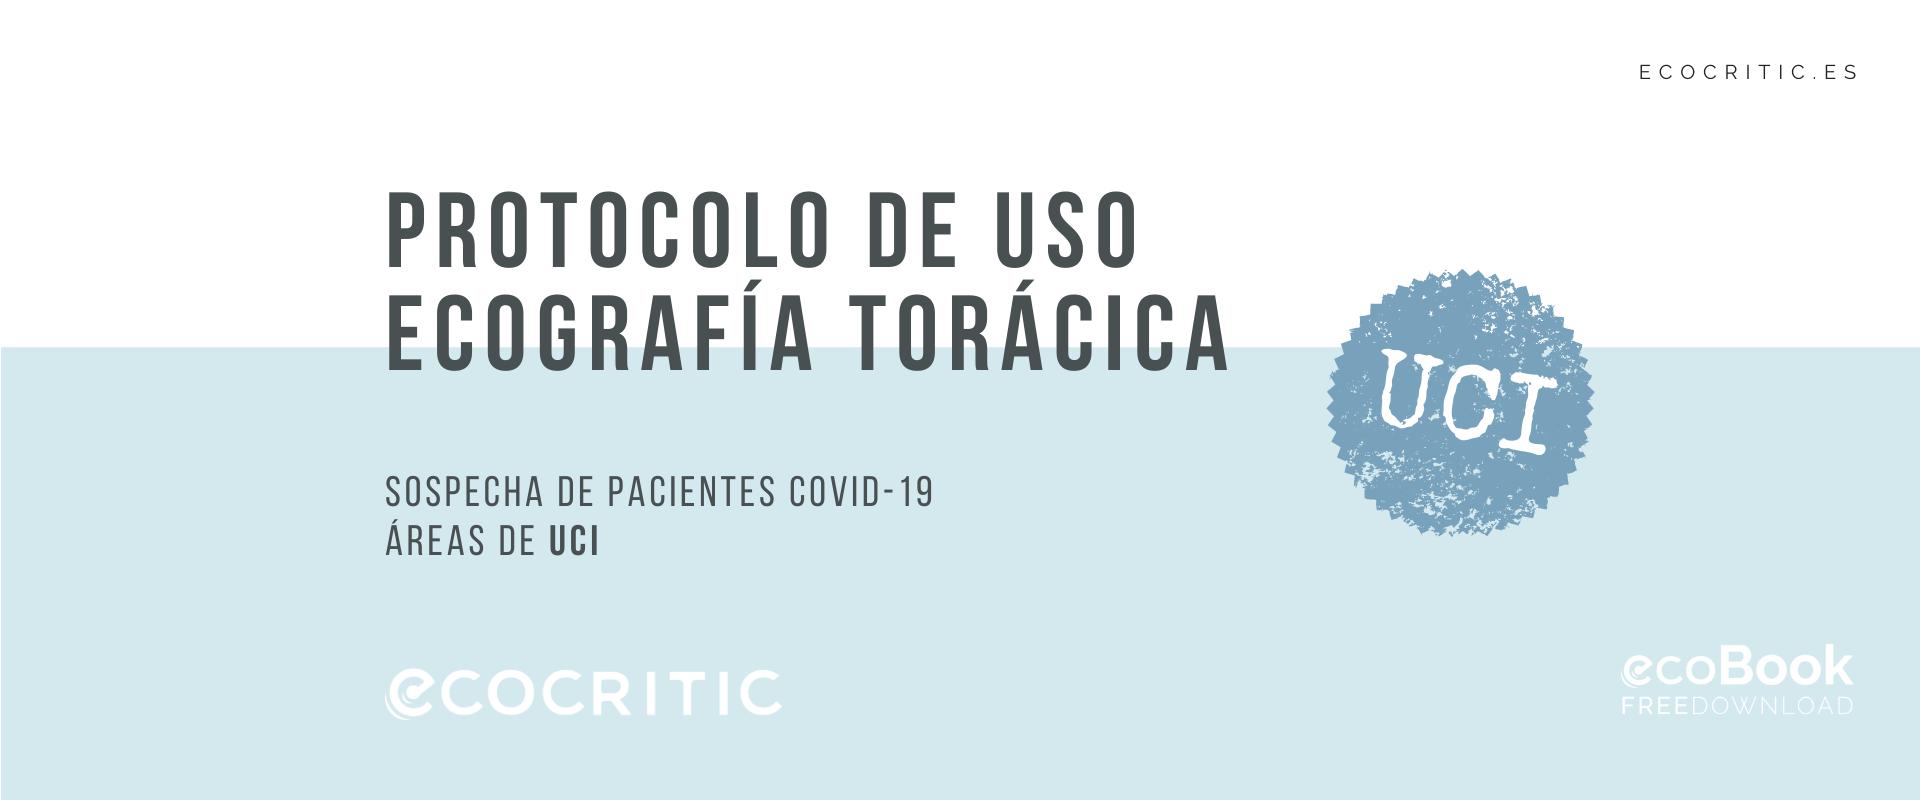 ECOCRITIC PROTOCOLO DE USO ECOGRAFÍA TORÁCICA UCI